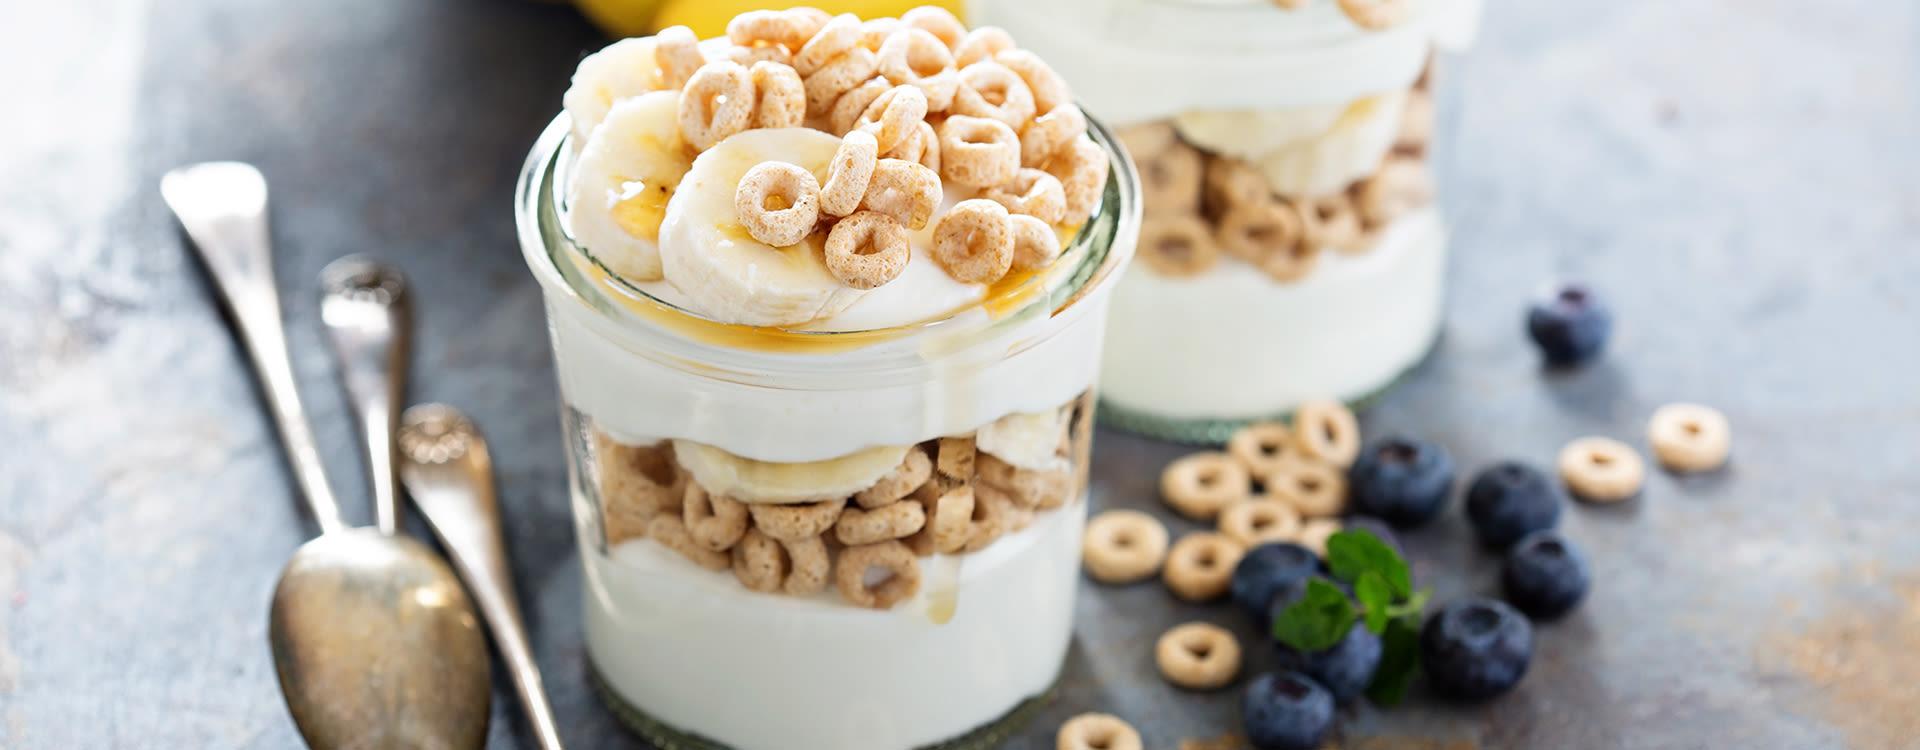 Det er flere frokostblandinger du kan spise med god samvittighet. Trykk på lenken for å se hvilke.